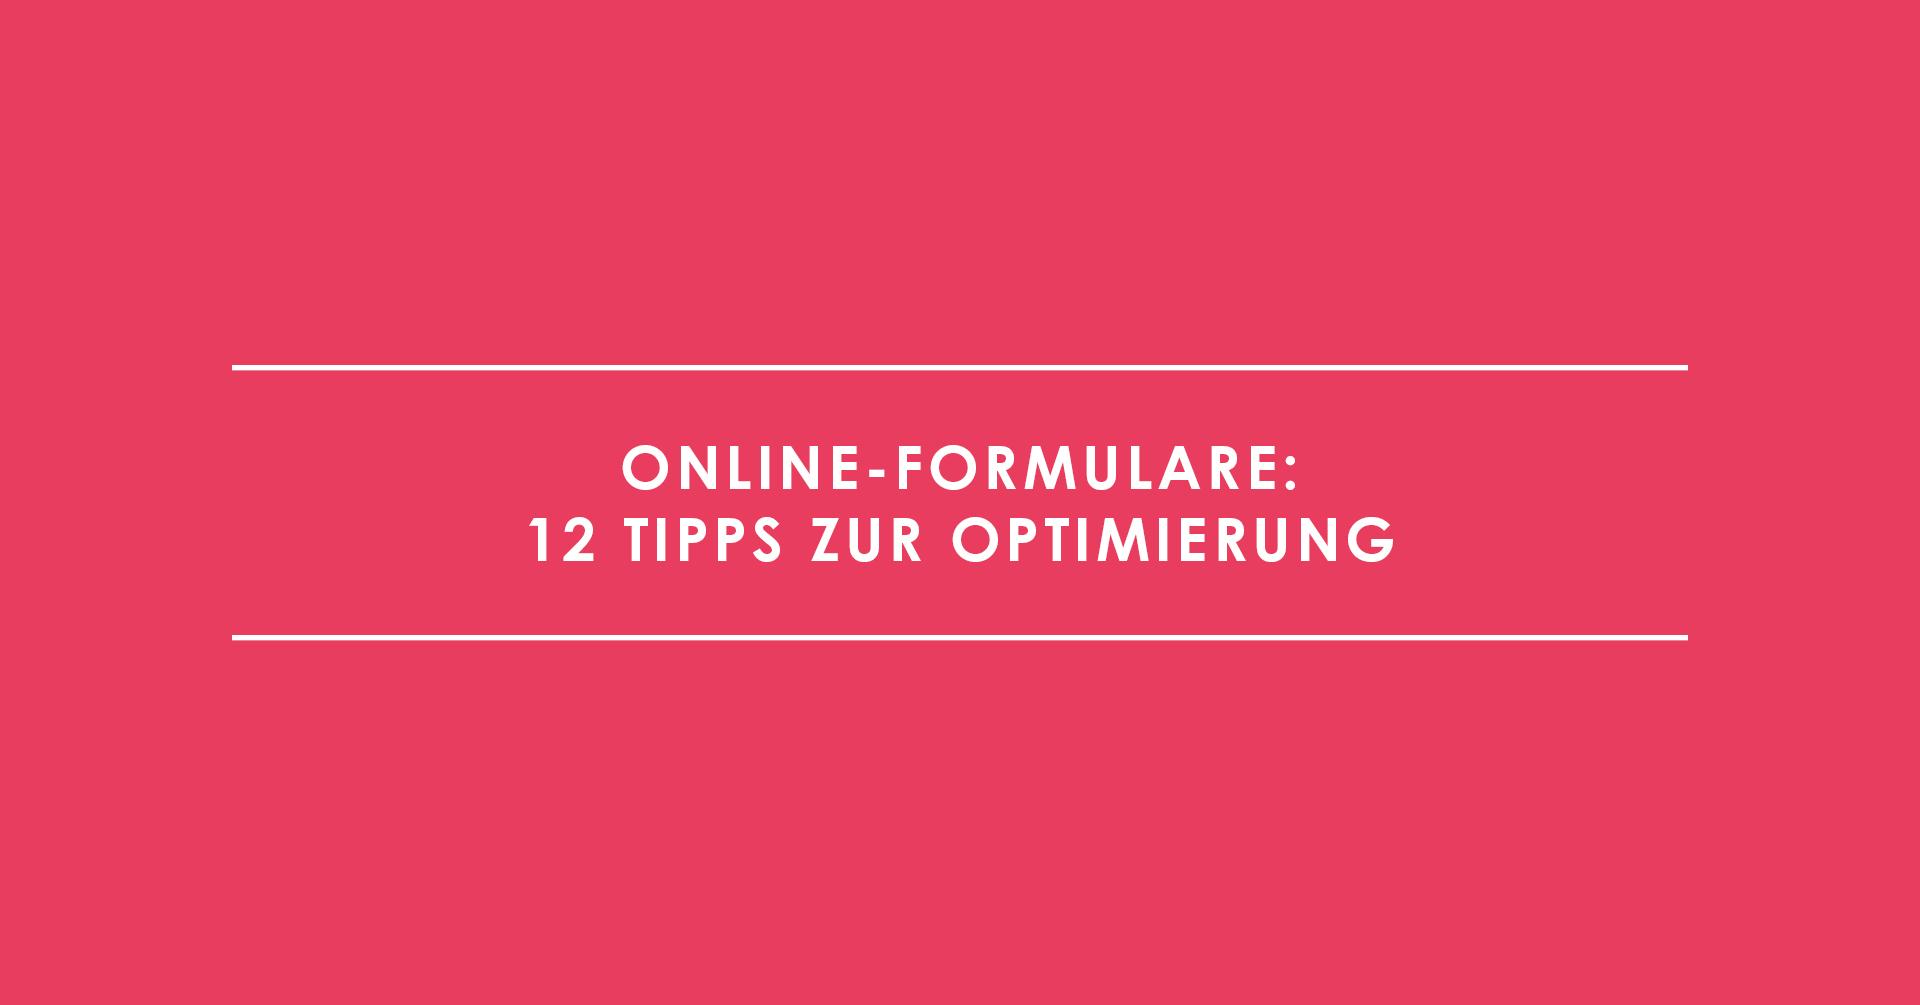 Online-Formulare: 12 Tipps zur Optimierung